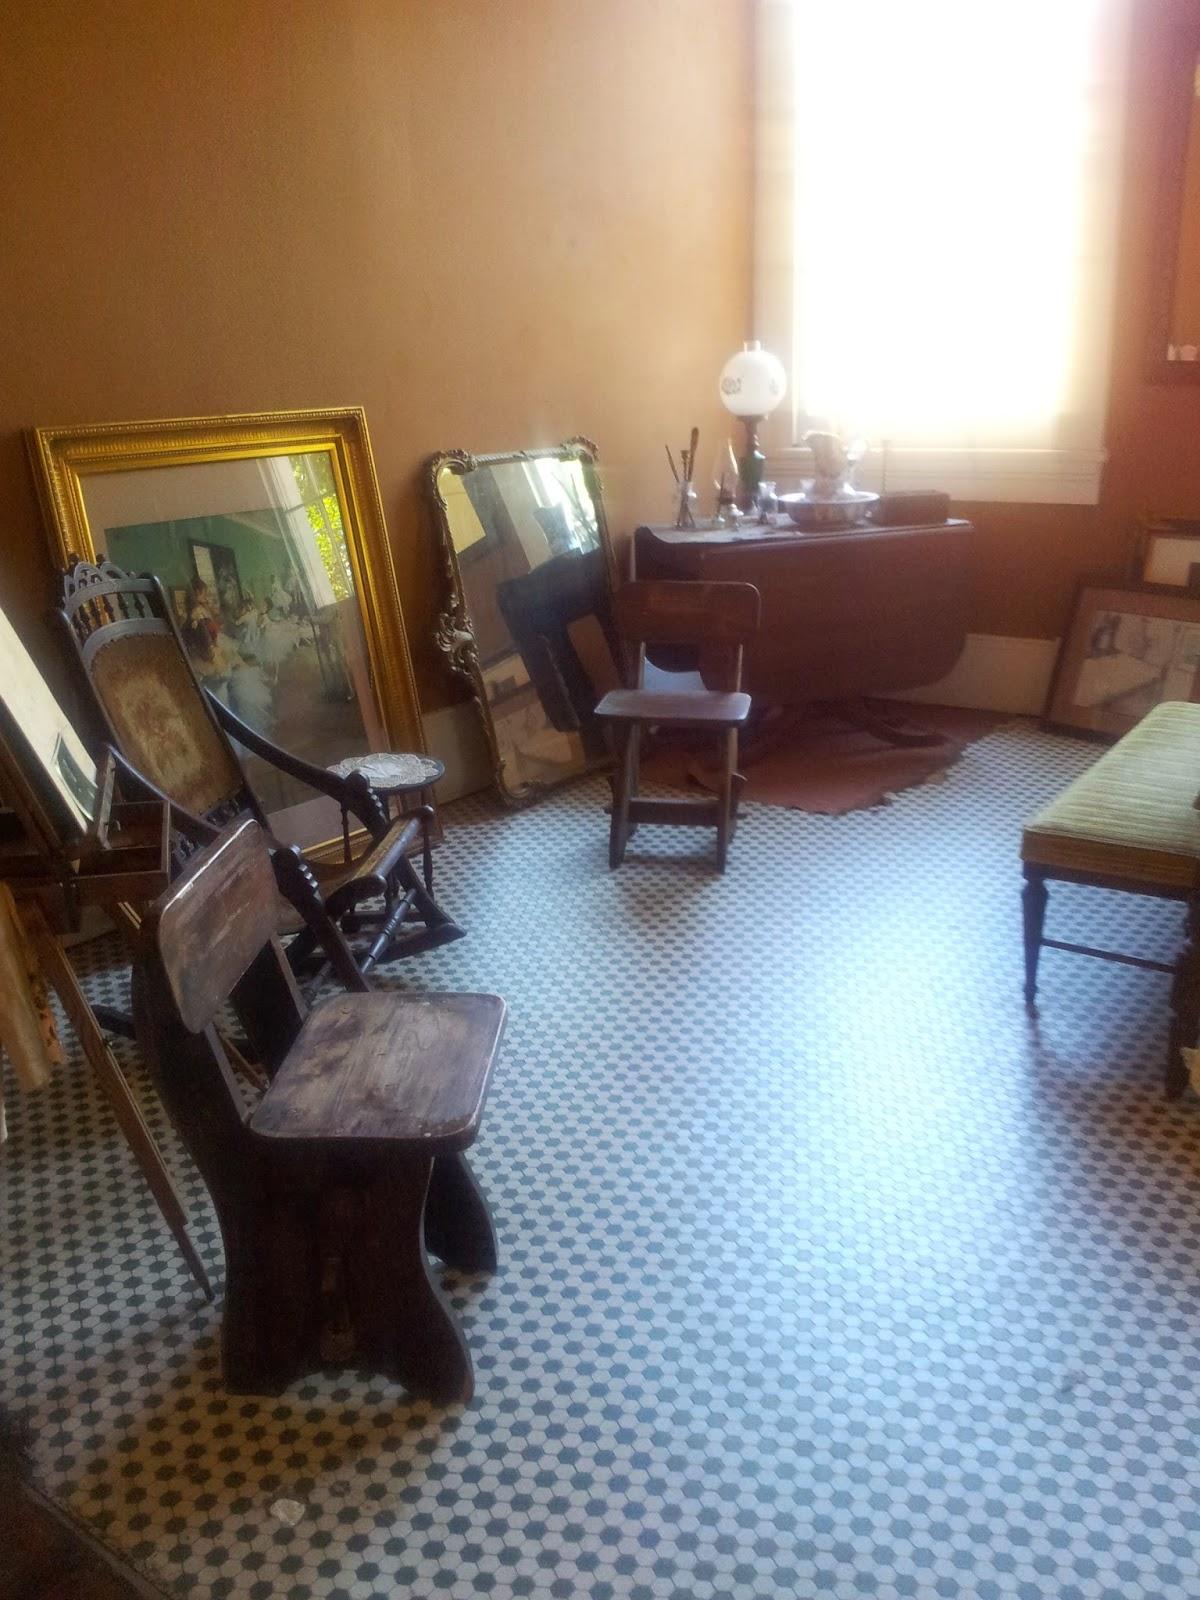 Edgar Degas' bedroom - Degas House, New Orleans